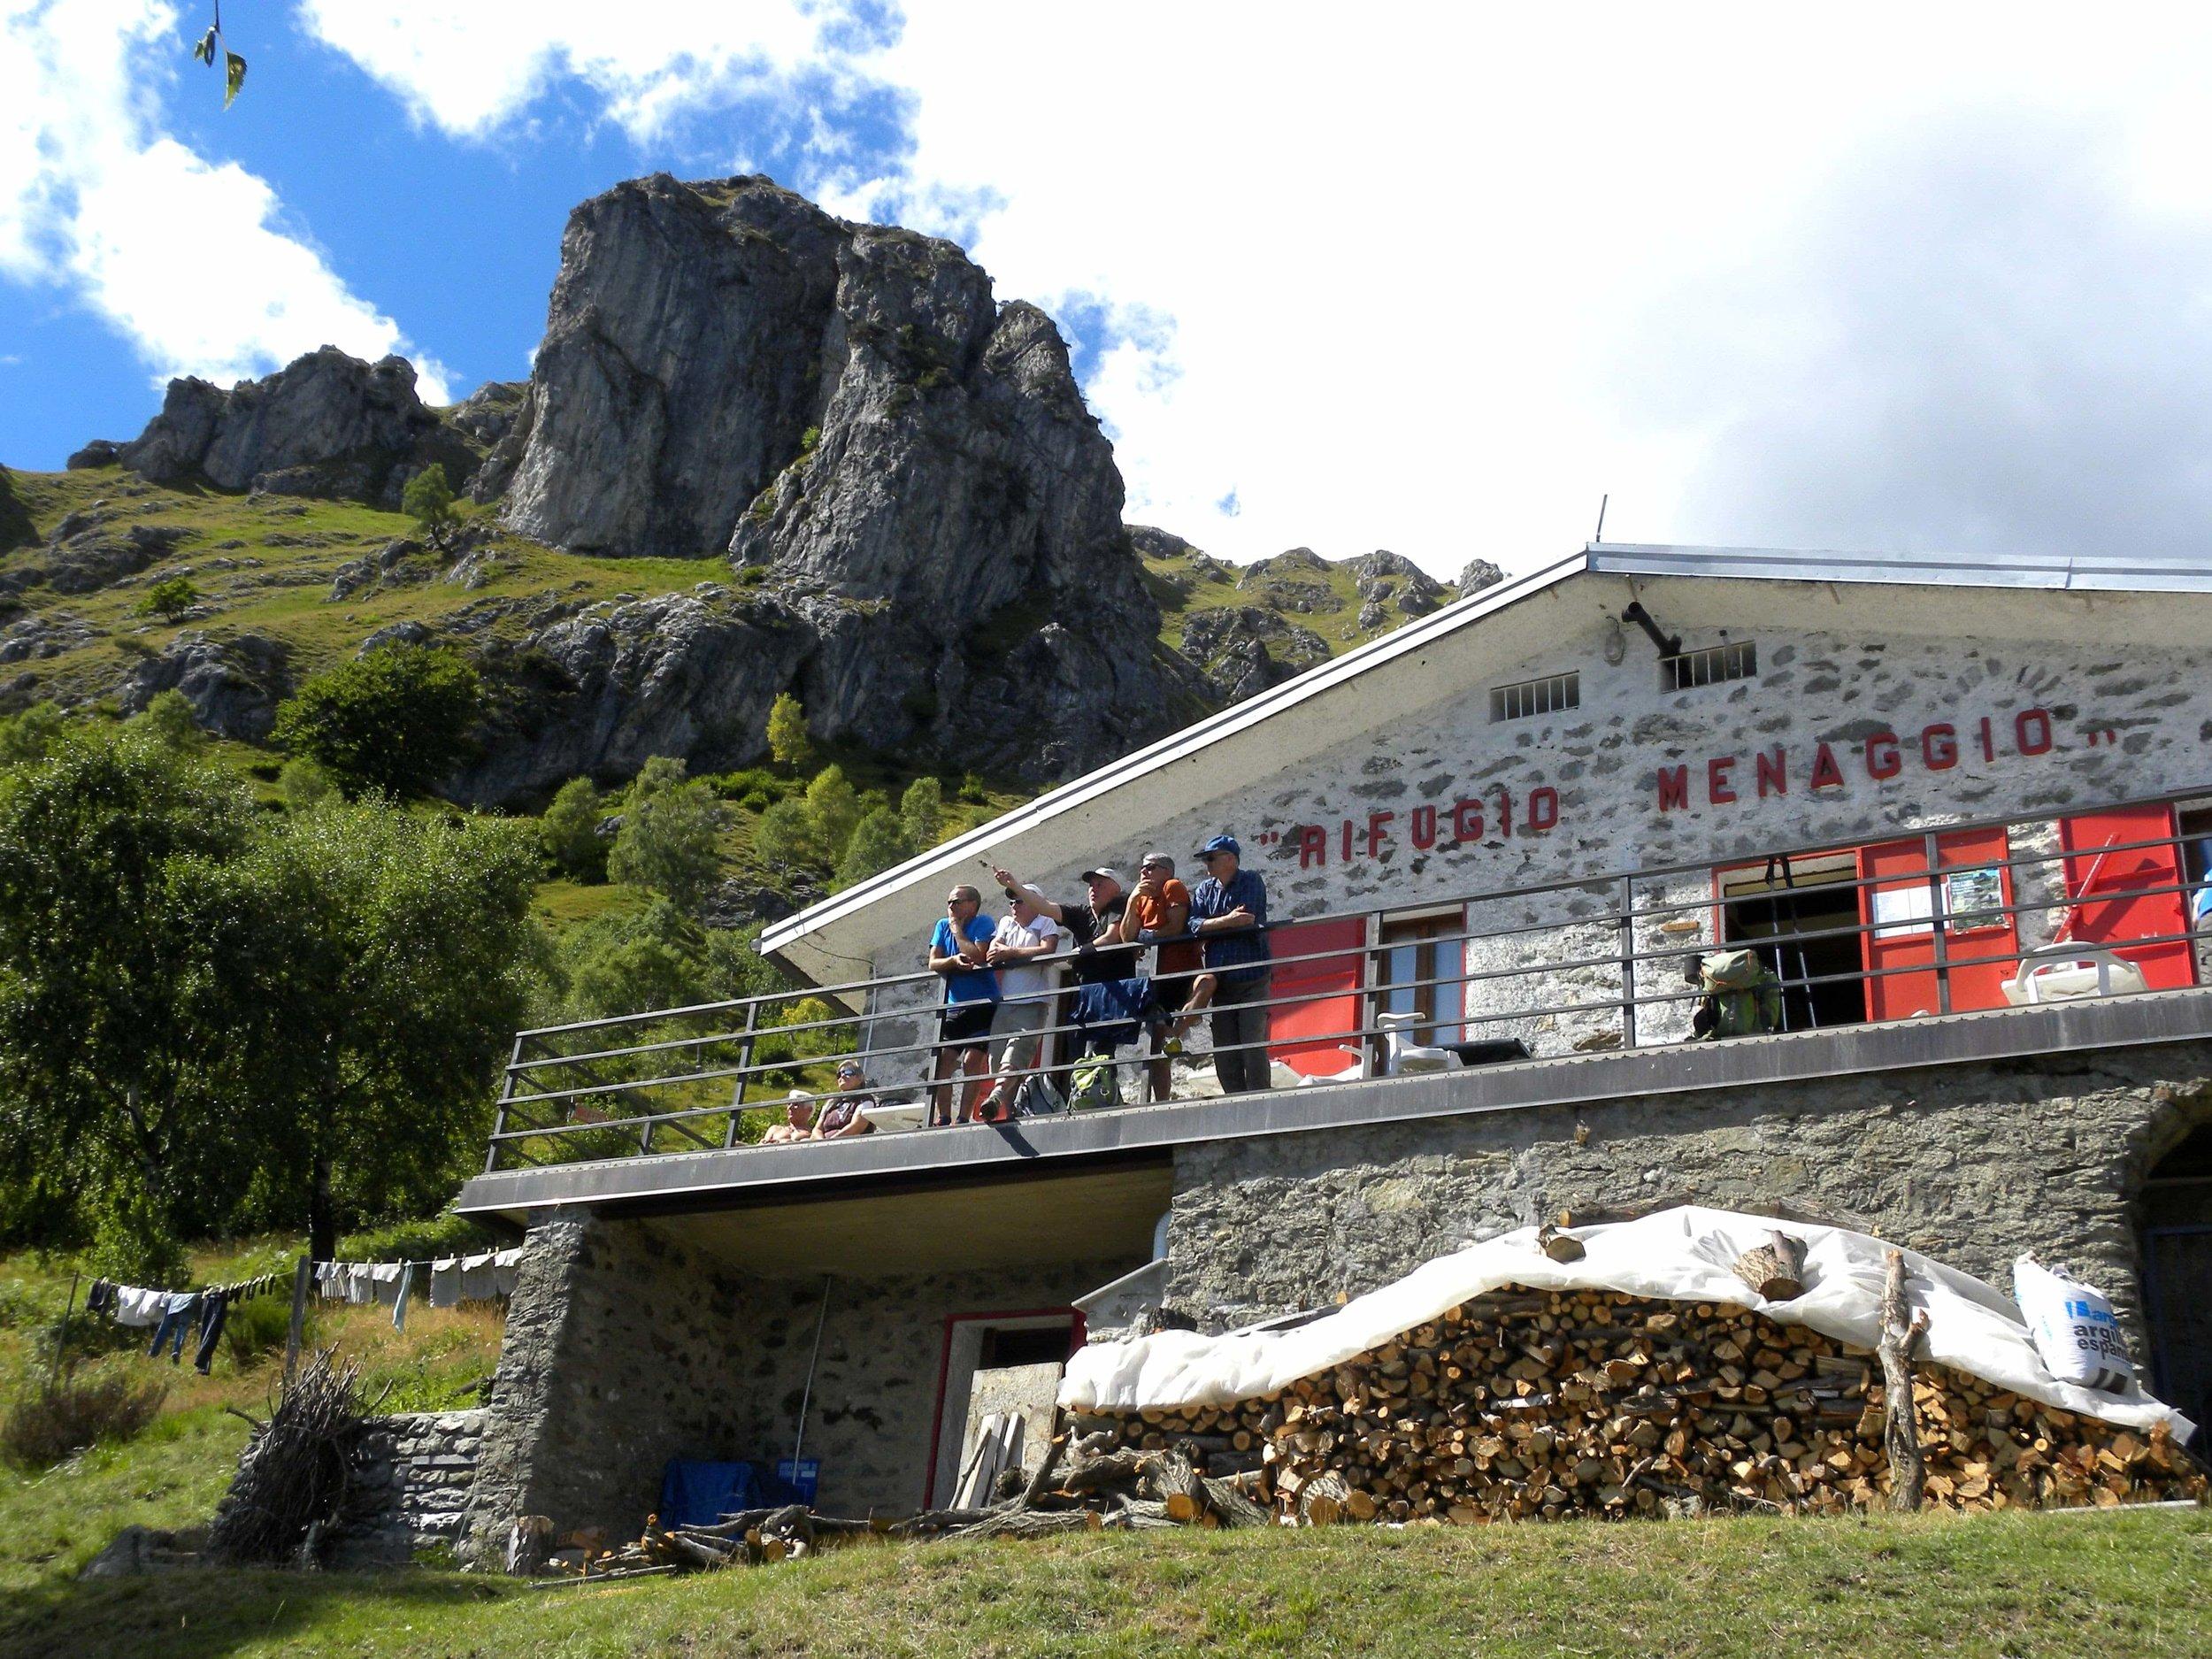 Hikingcomolake_RifugioMenaggiobuilding LR.jpg